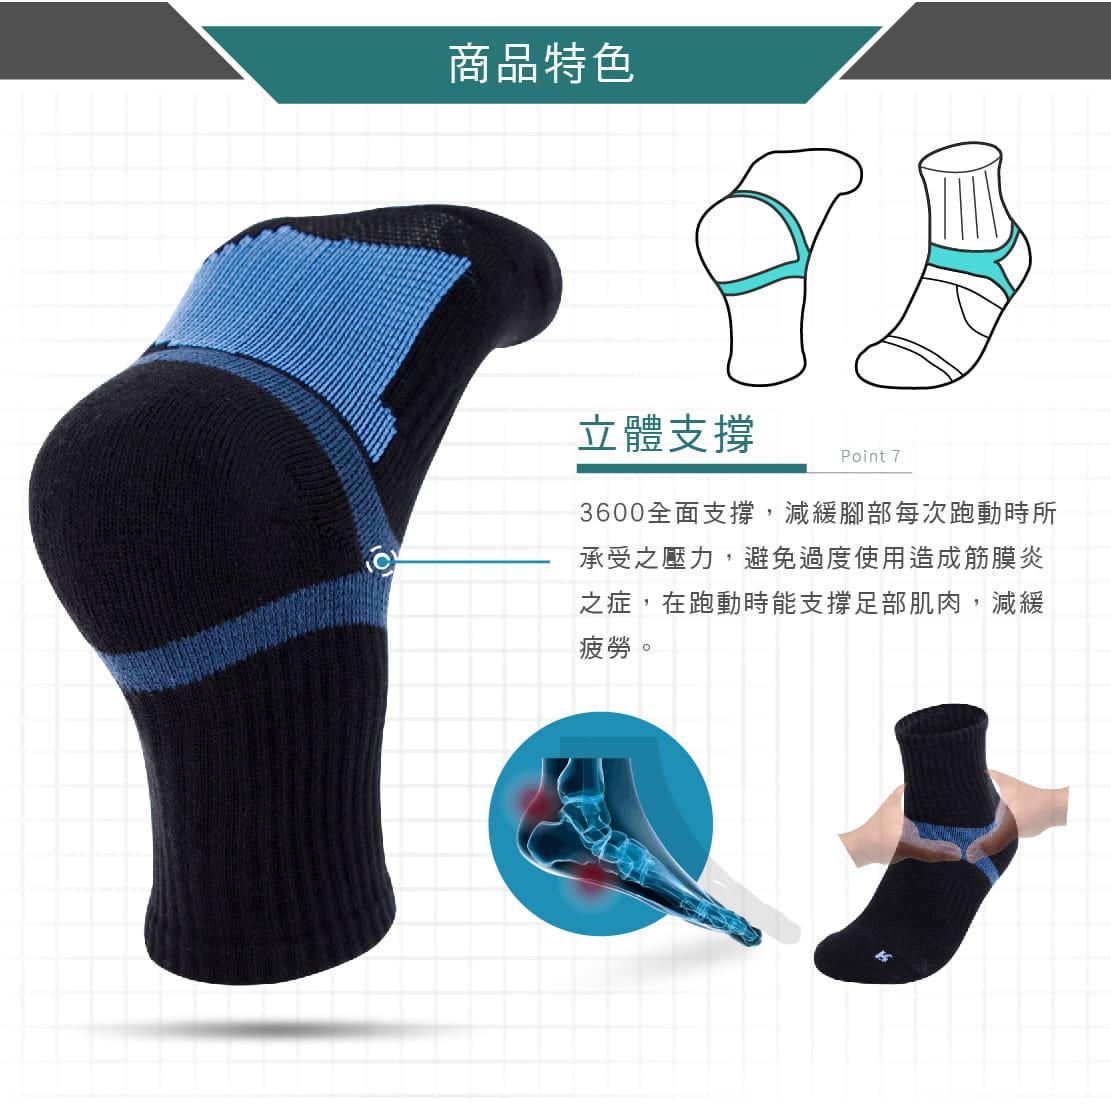 【FAV】足弓機能運動襪 5